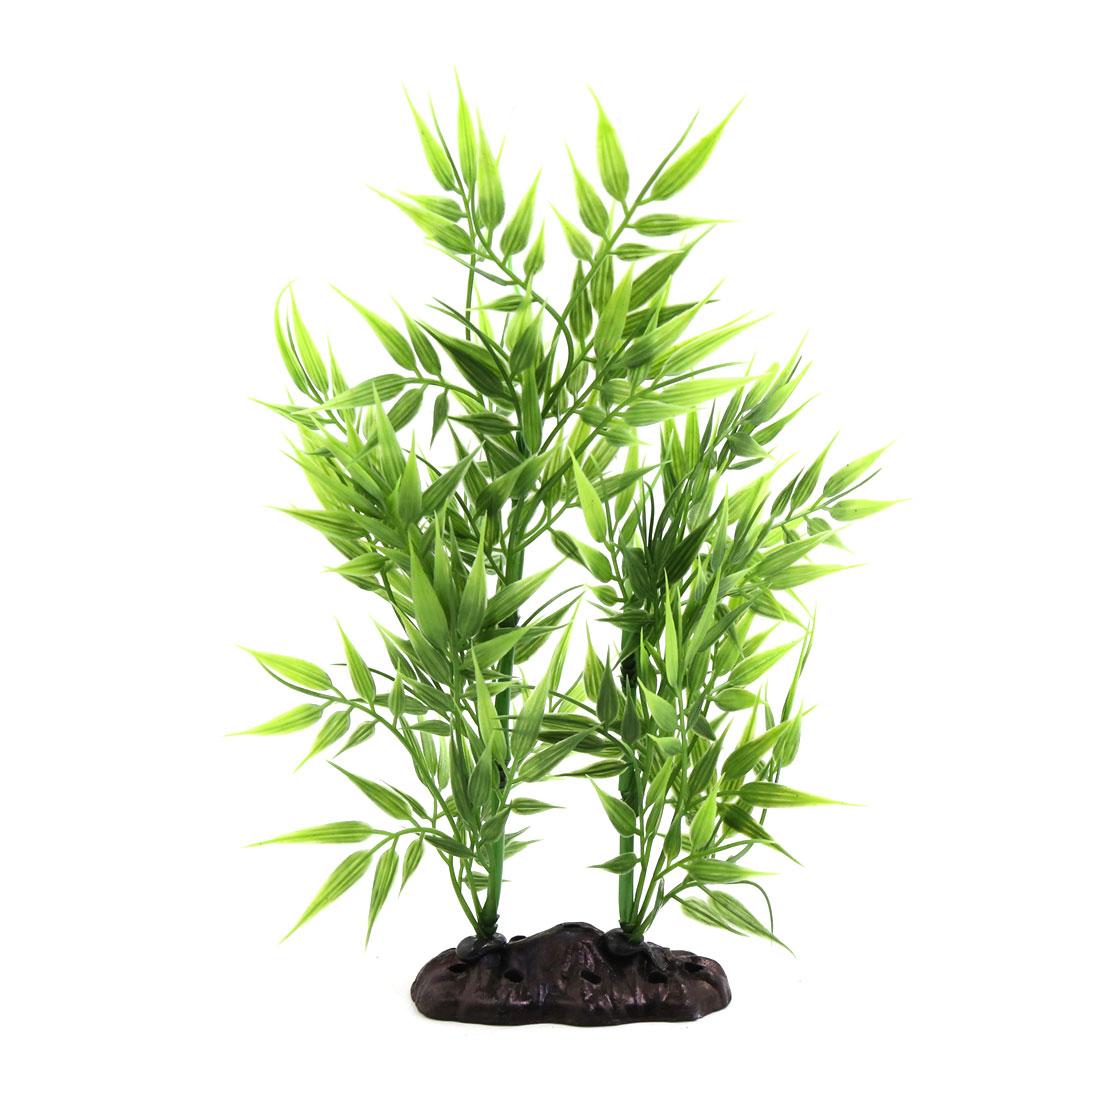 Plastic Bamboo Leaves Plant Betta Tank Aquarium Decors w/ Ceramic Base